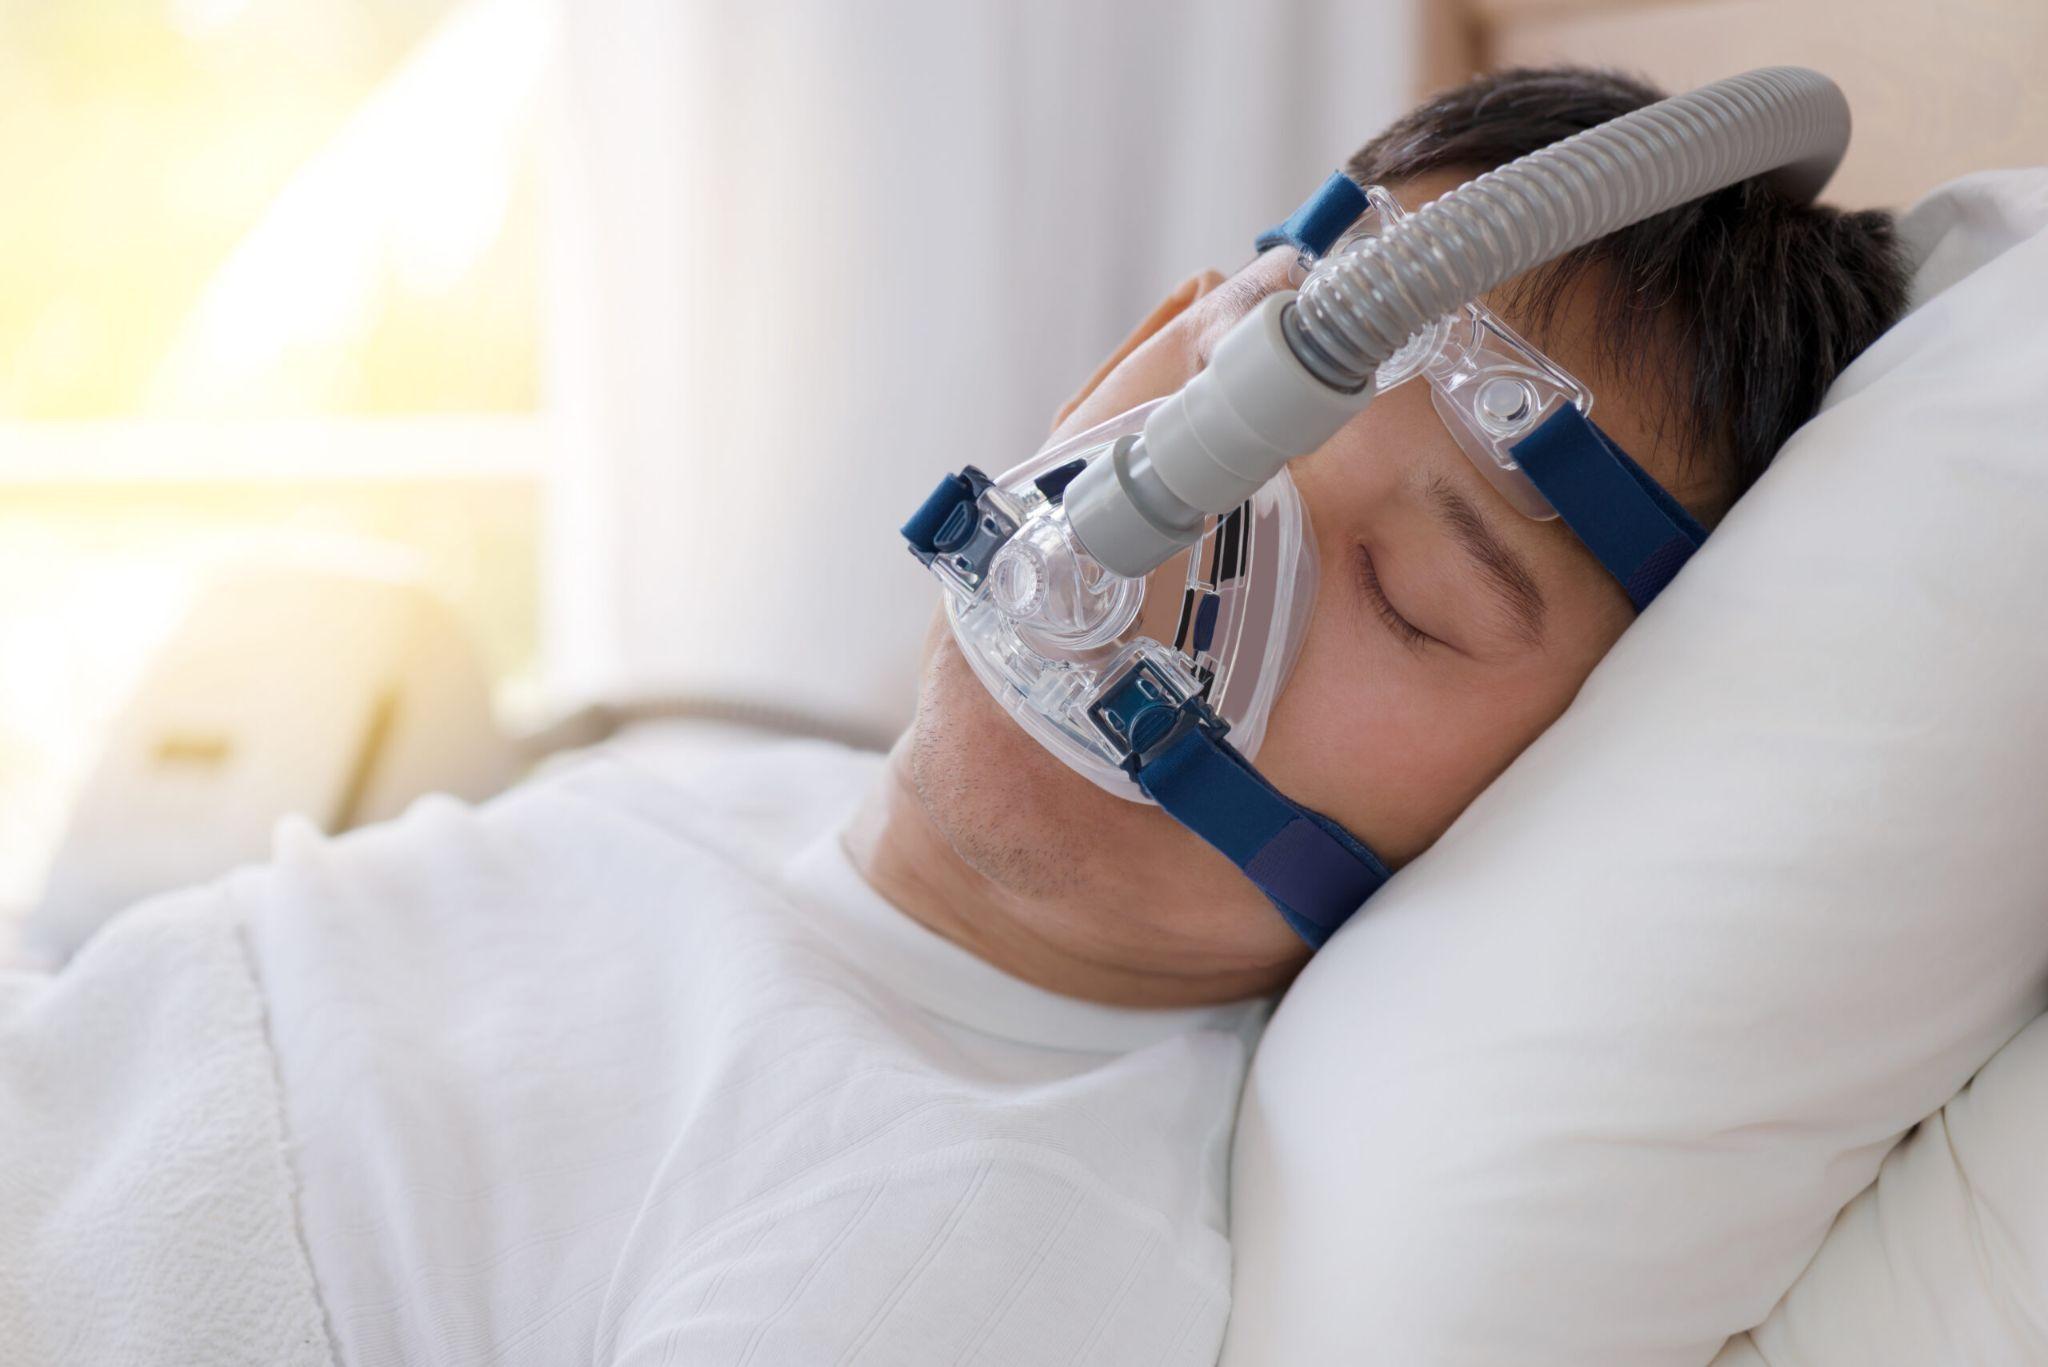 Người bệnh cần được phát hiện sớm để kịp thời điều trị bệnh nhân COPD trong thời điểm dịch bệnh. Ảnh: Shutterstock.